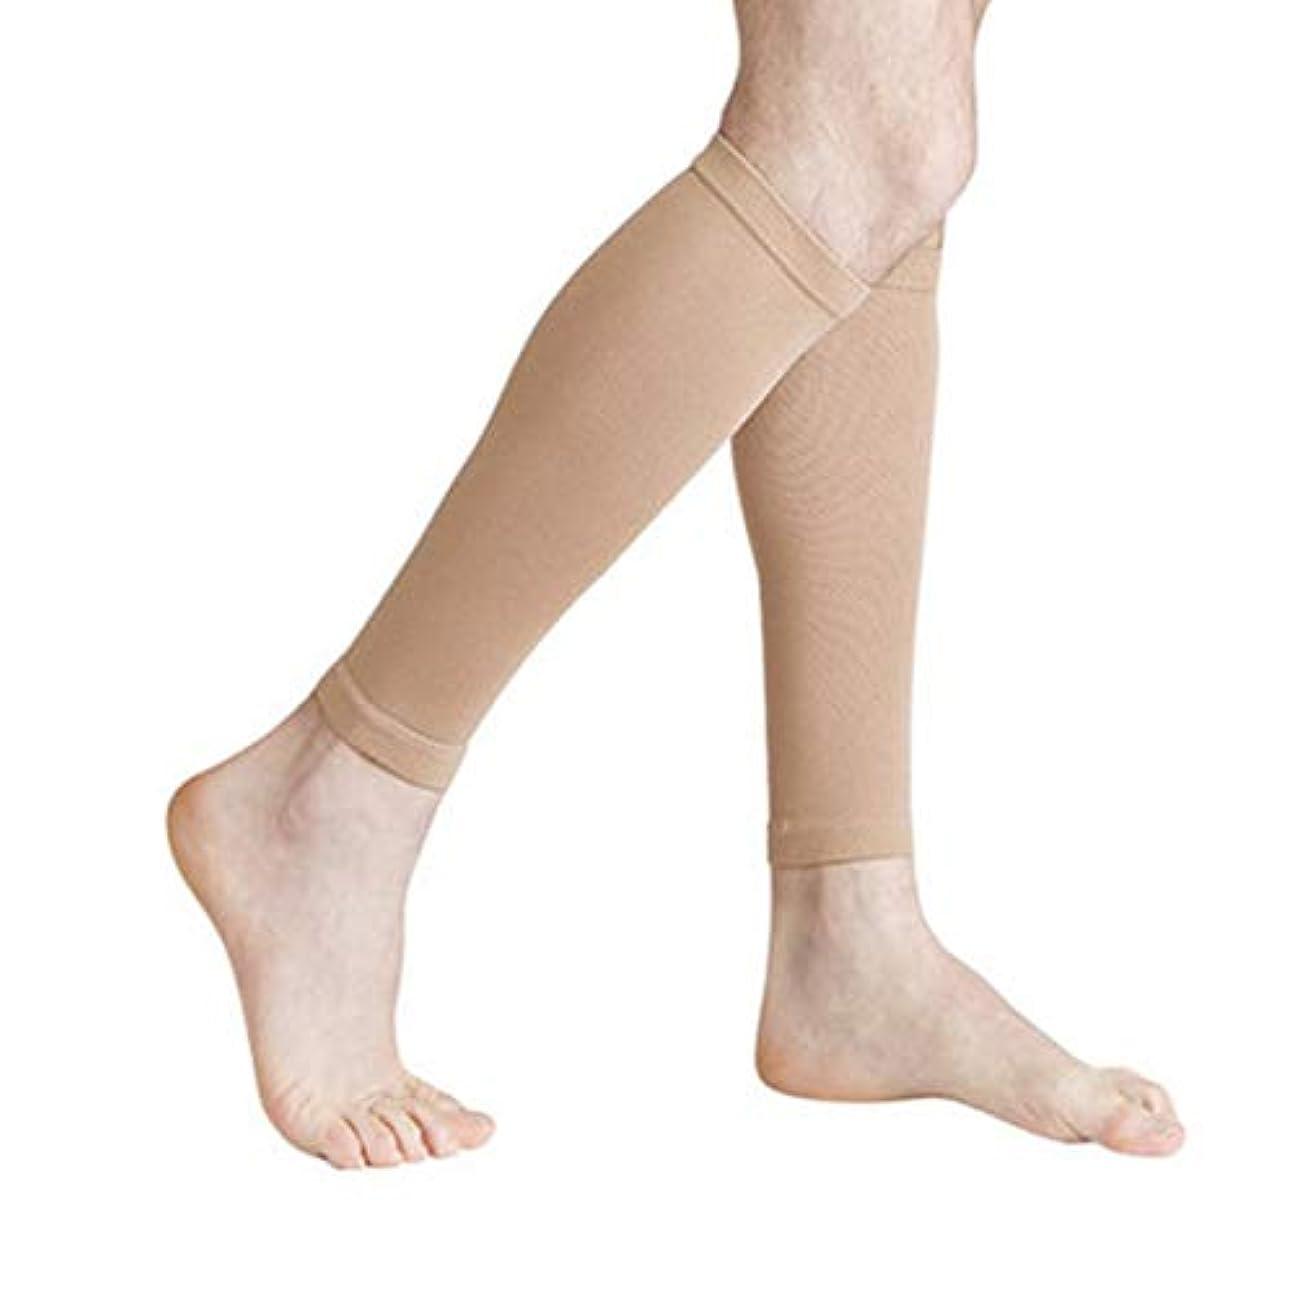 請願者感心する幼児丈夫な男性女性プロの圧縮靴下通気性のある旅行活動看護師用シントスプリントフライトトラベル - 肌色